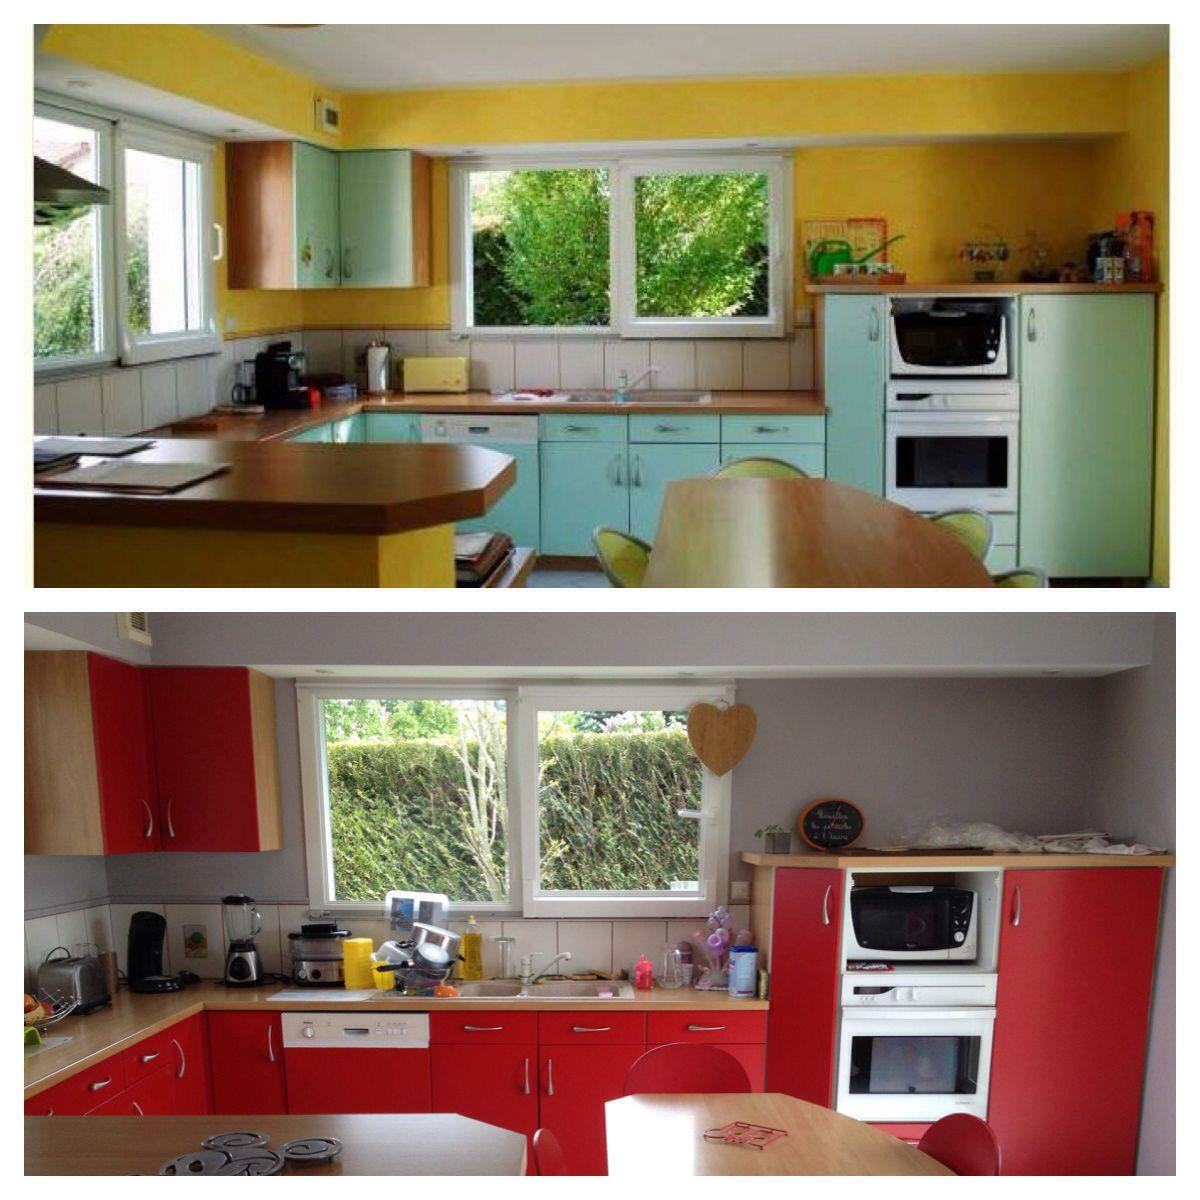 Cuisine rouge bois gris - avant/après - résinence color - red